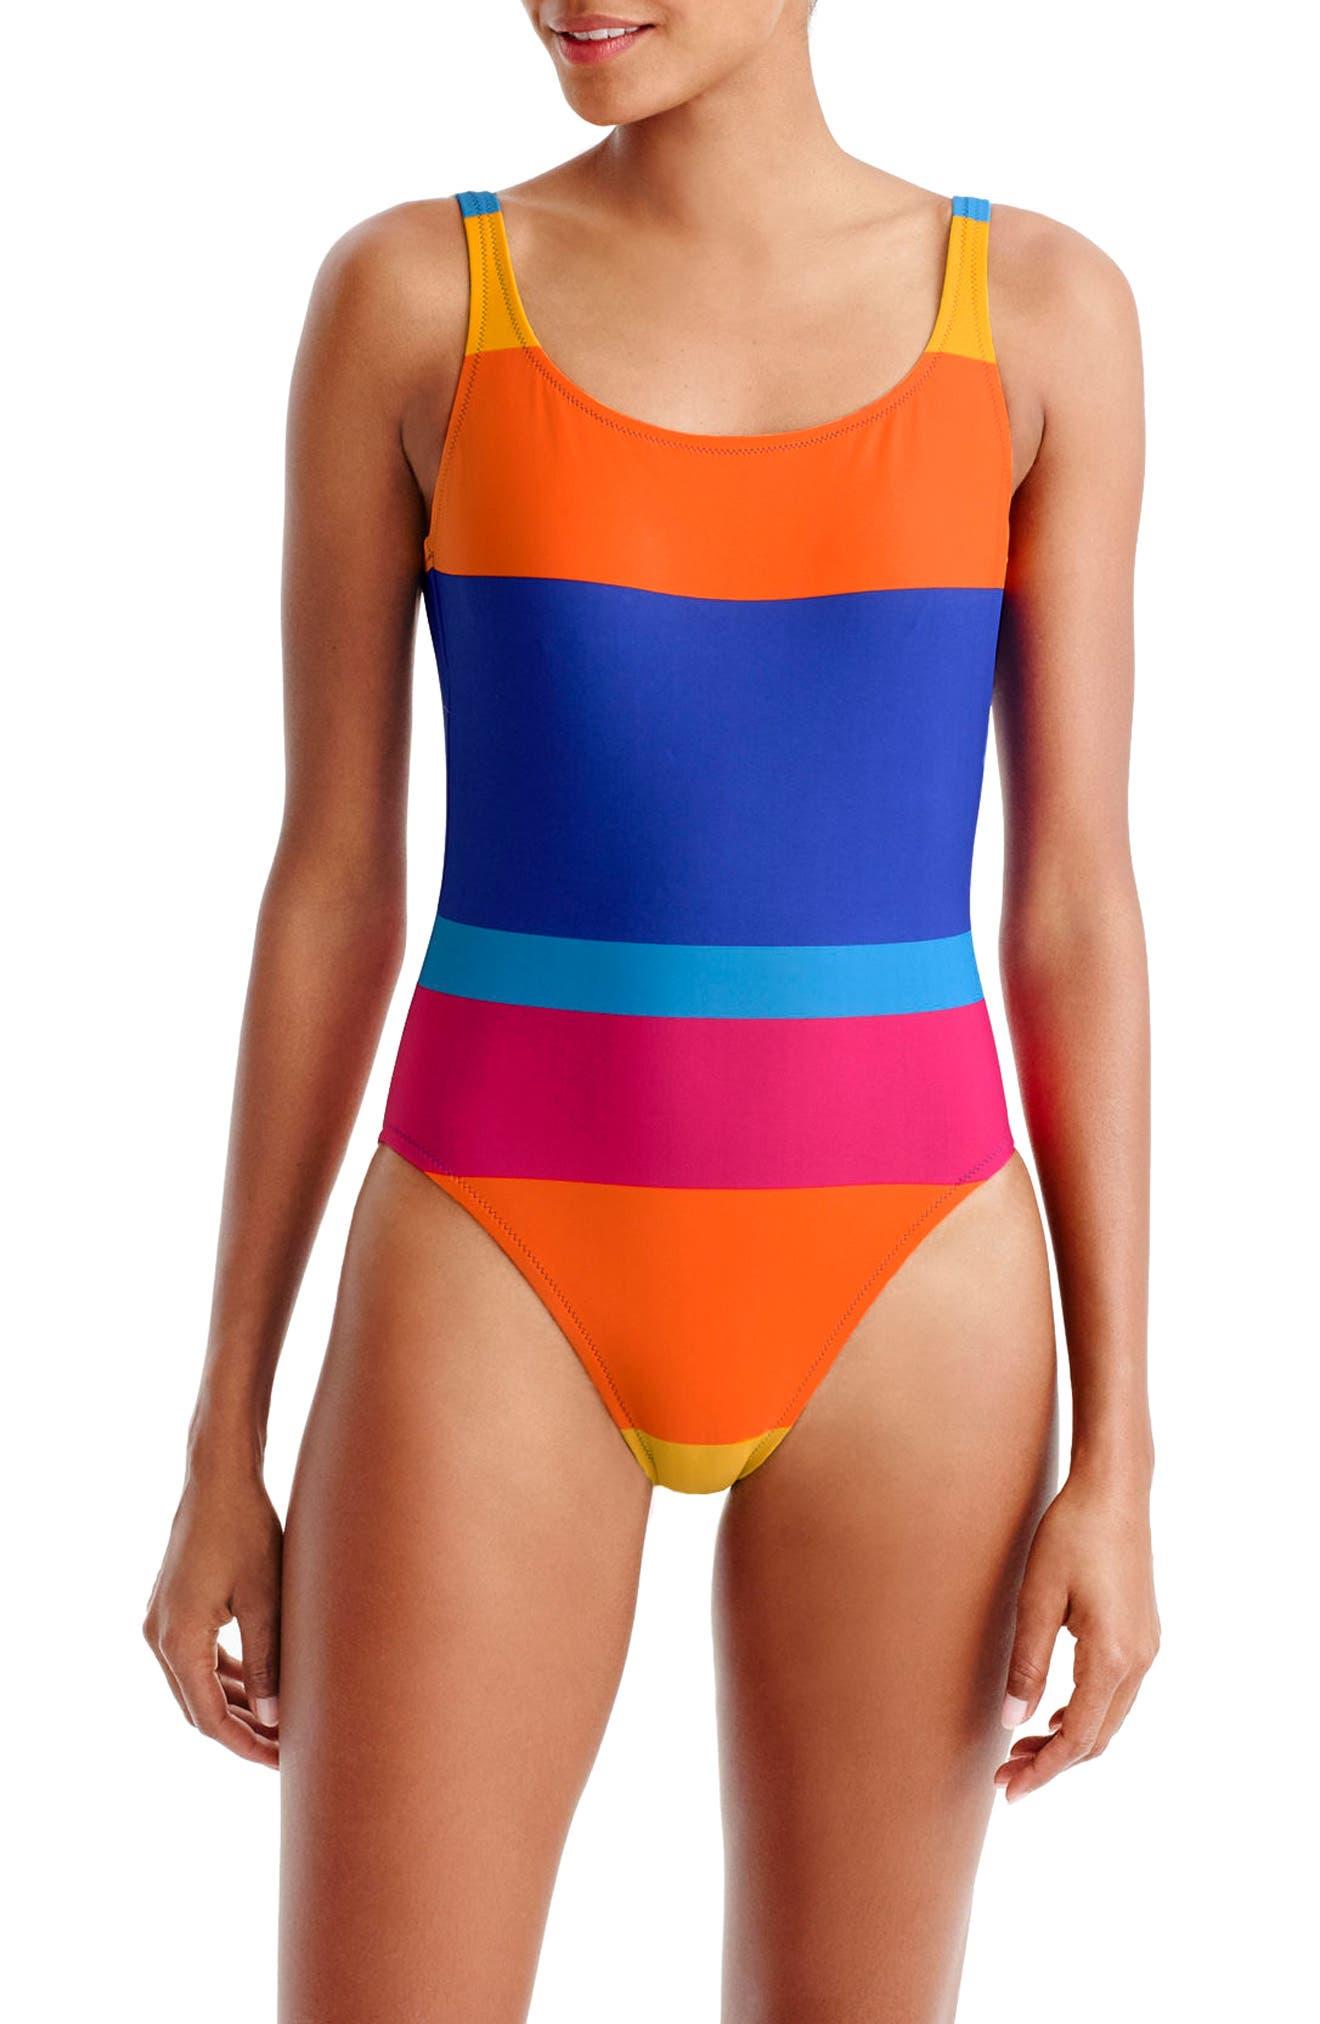 Martinique Stripe U-Back One-Piece Swimsuit,                             Main thumbnail 1, color,                             400